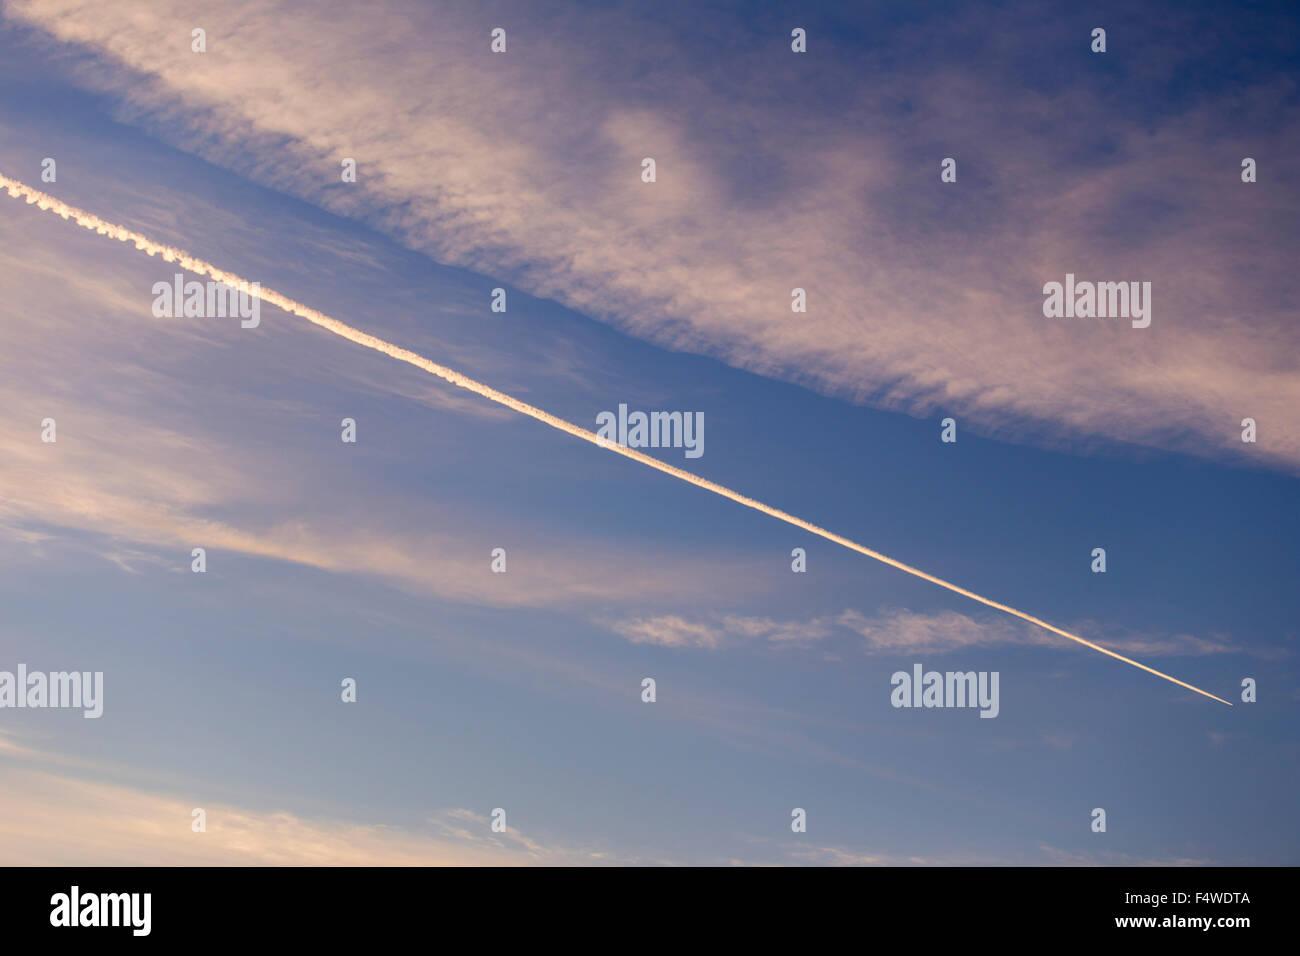 Niedrigen Winkel Ansicht von Kondensstreifen im Himmel Stockbild